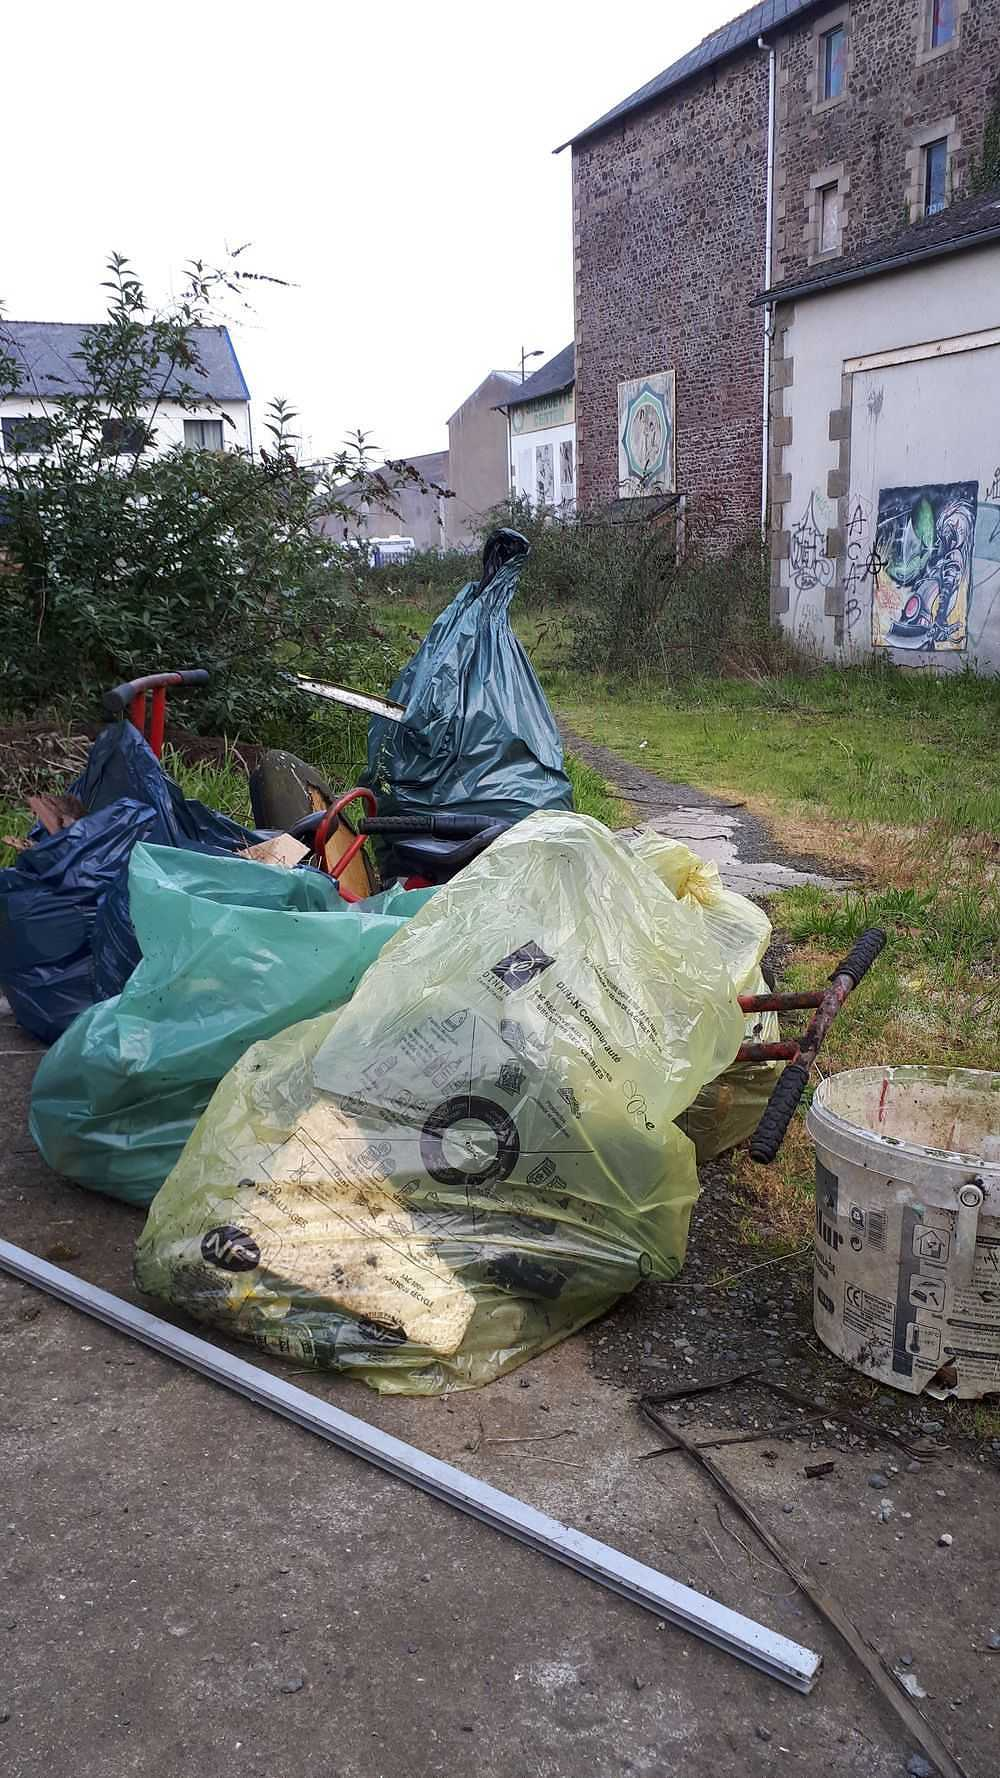 Collecte de déchets dans le quartier 20190410190421